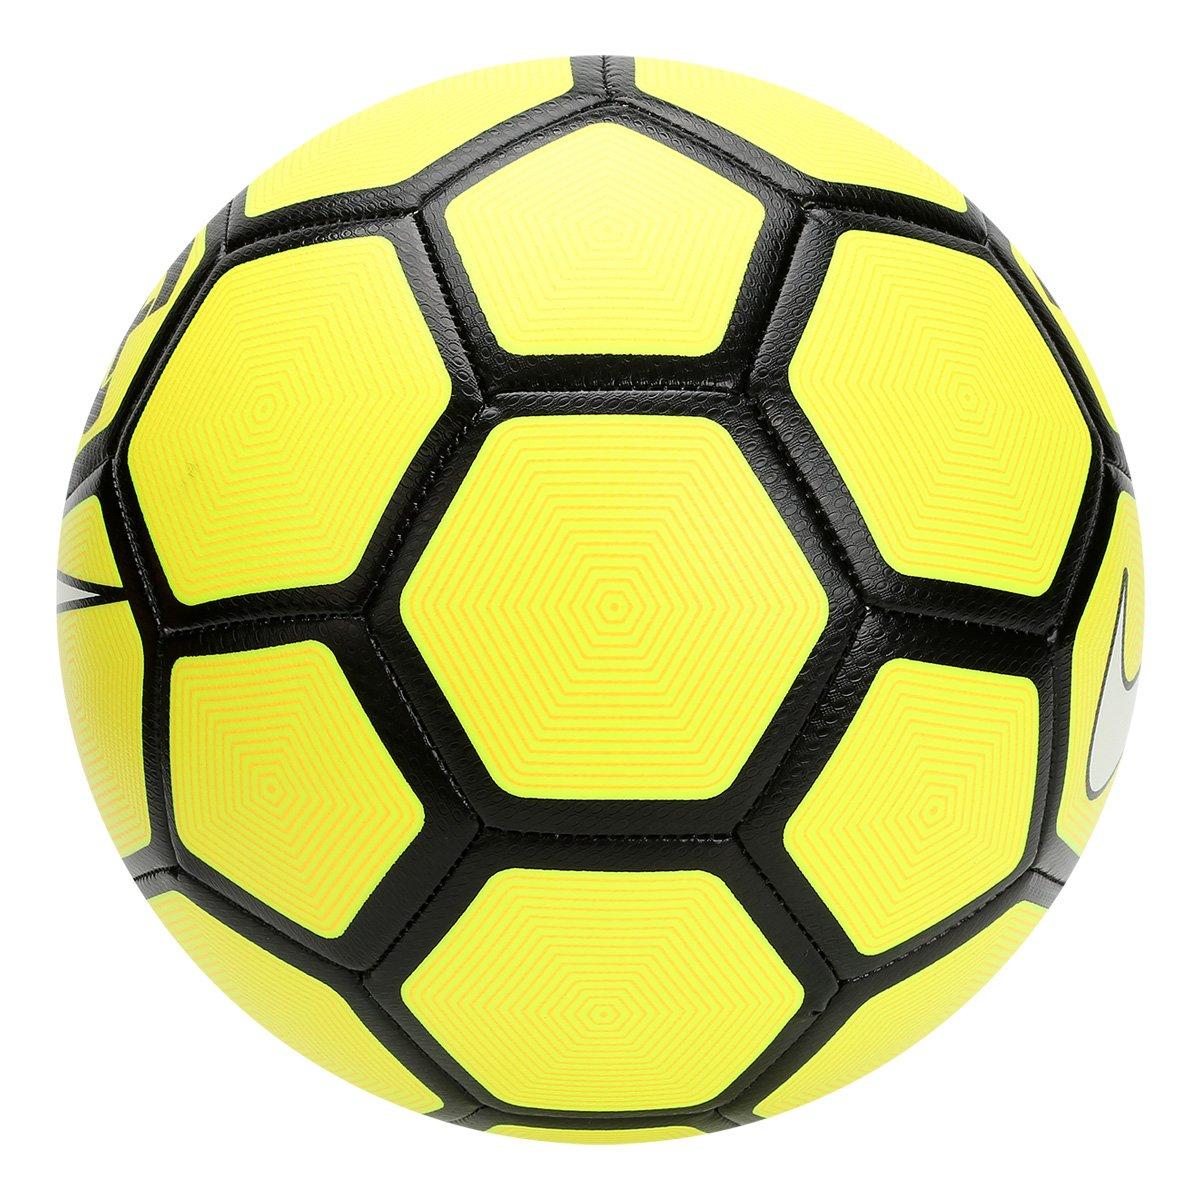 68e5652a39 Bola Futebol Campo Nike FootballX Strike - Amarelo - Compre Agora ...